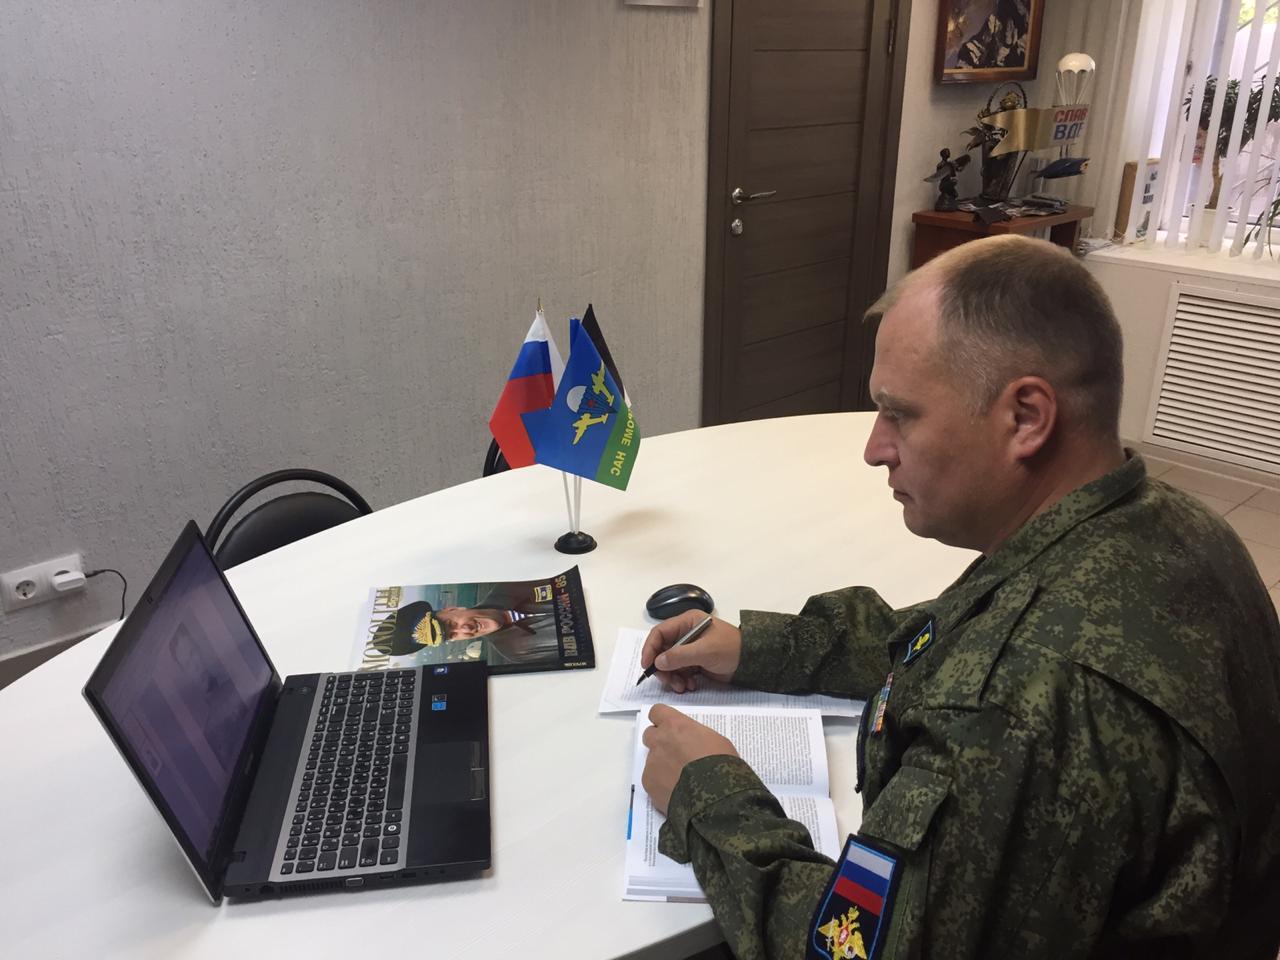 Председатель «Союза десантников Удмуртии» провёл удалённо Урок мужества с кадетами десантного направления